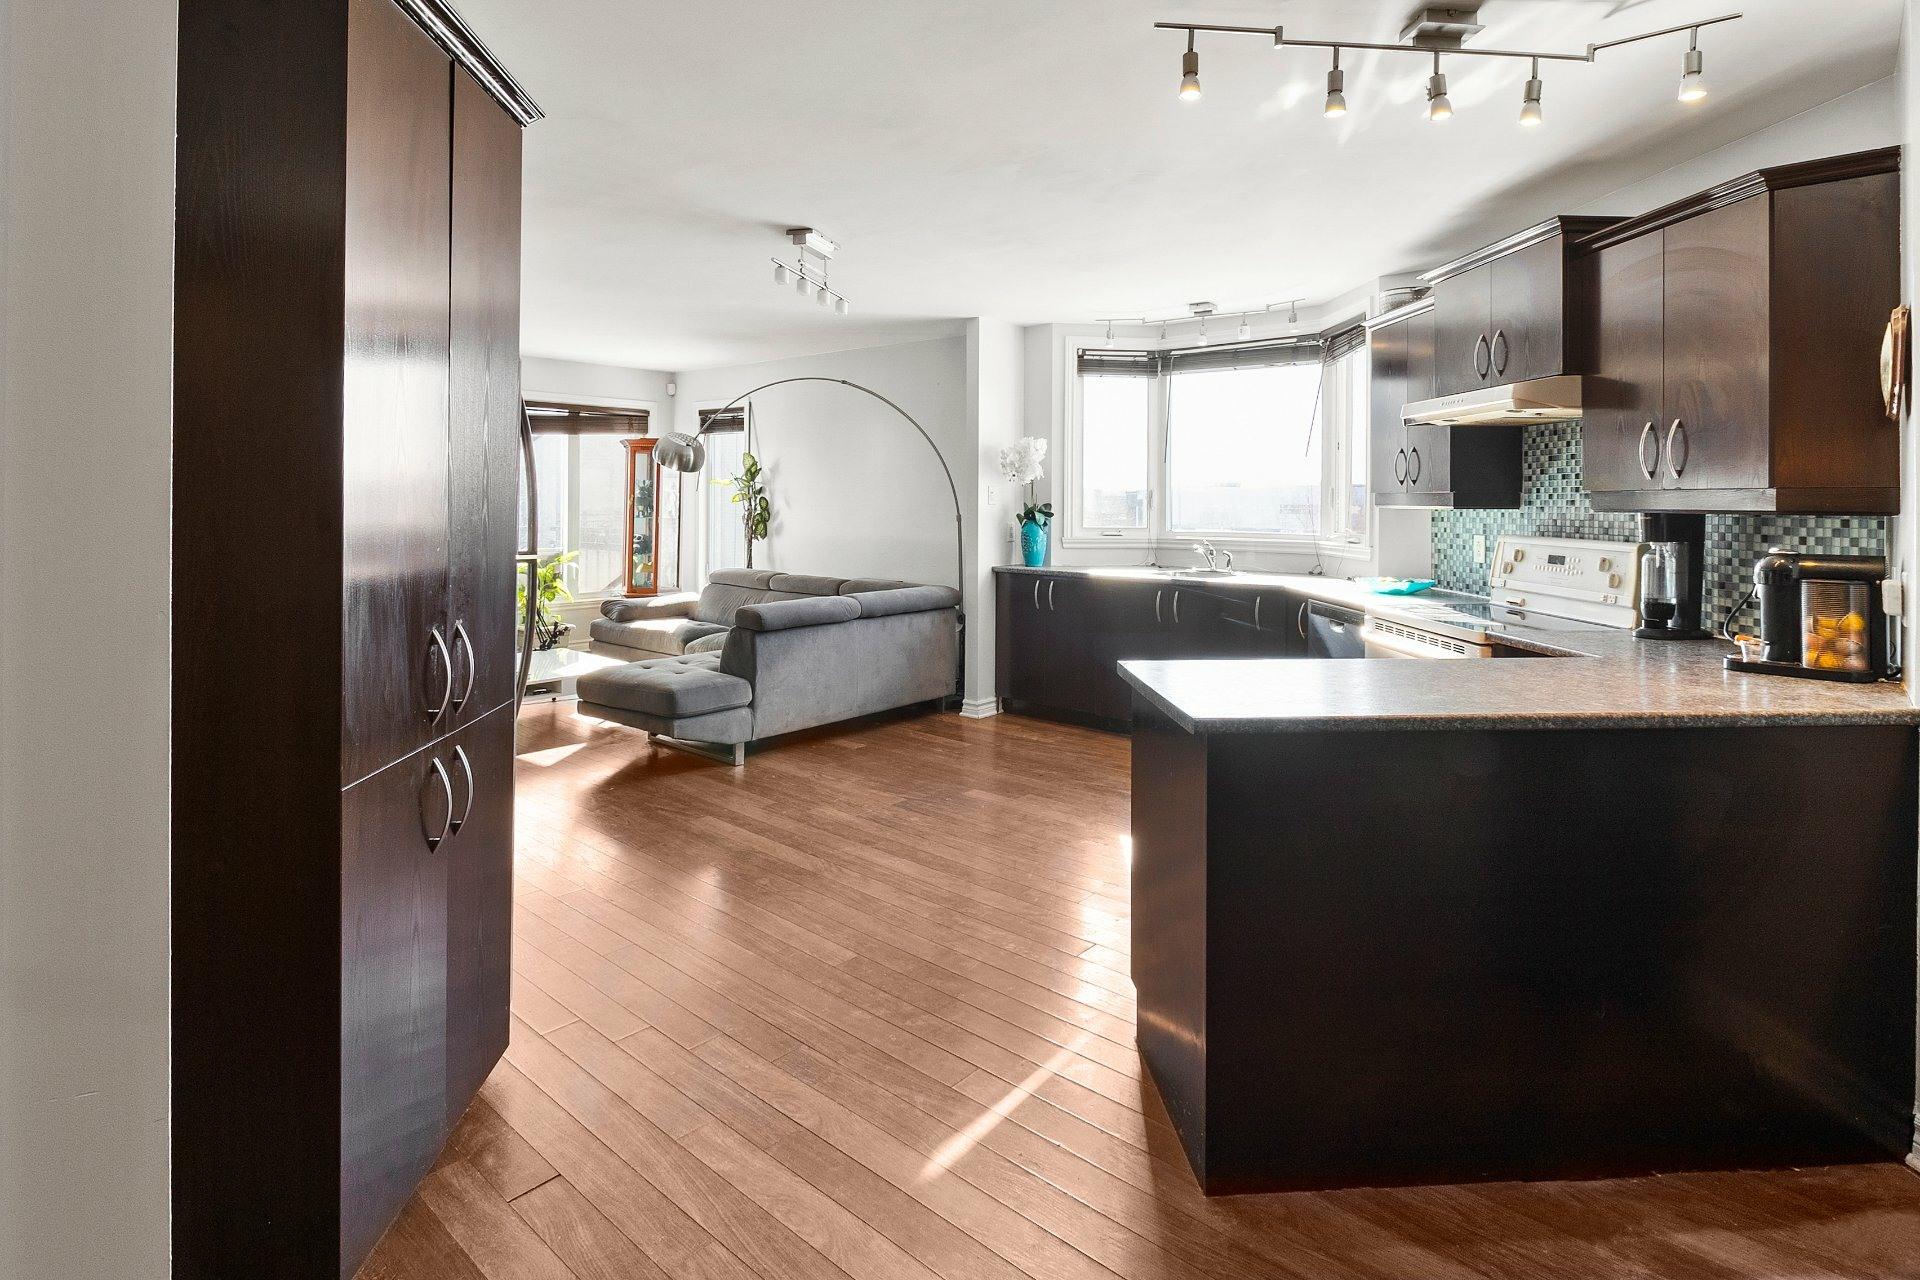 image 6 - Appartement À vendre Brossard - 6 pièces